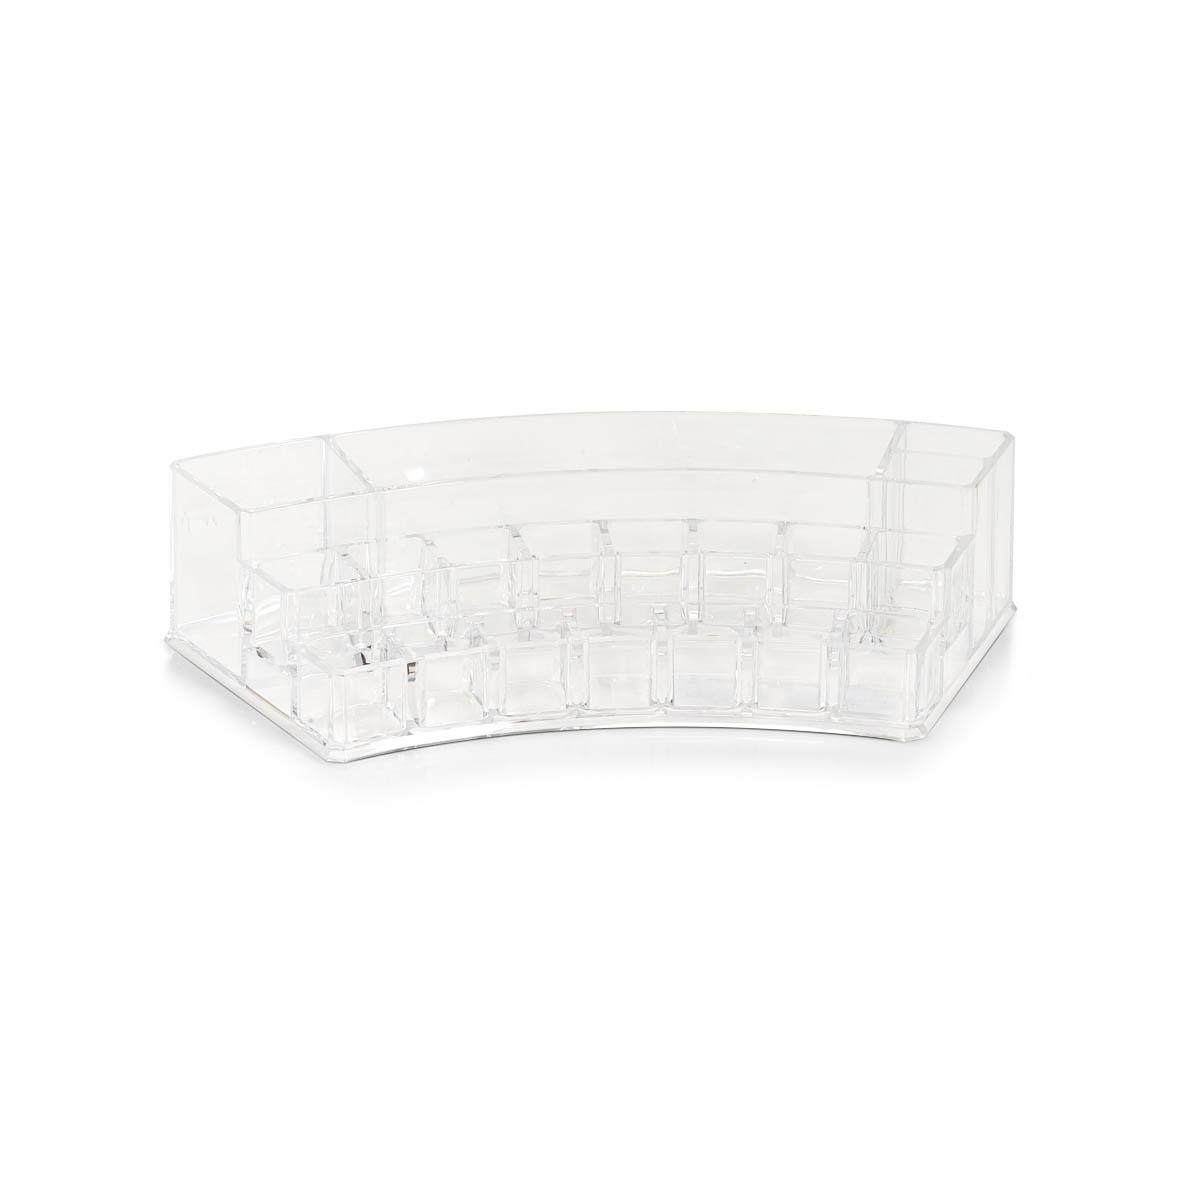 Organizator pentru cosmetice din plastic, Transparent, 18 compartimente, l28,8xA13,8xH6,5 cm imagine